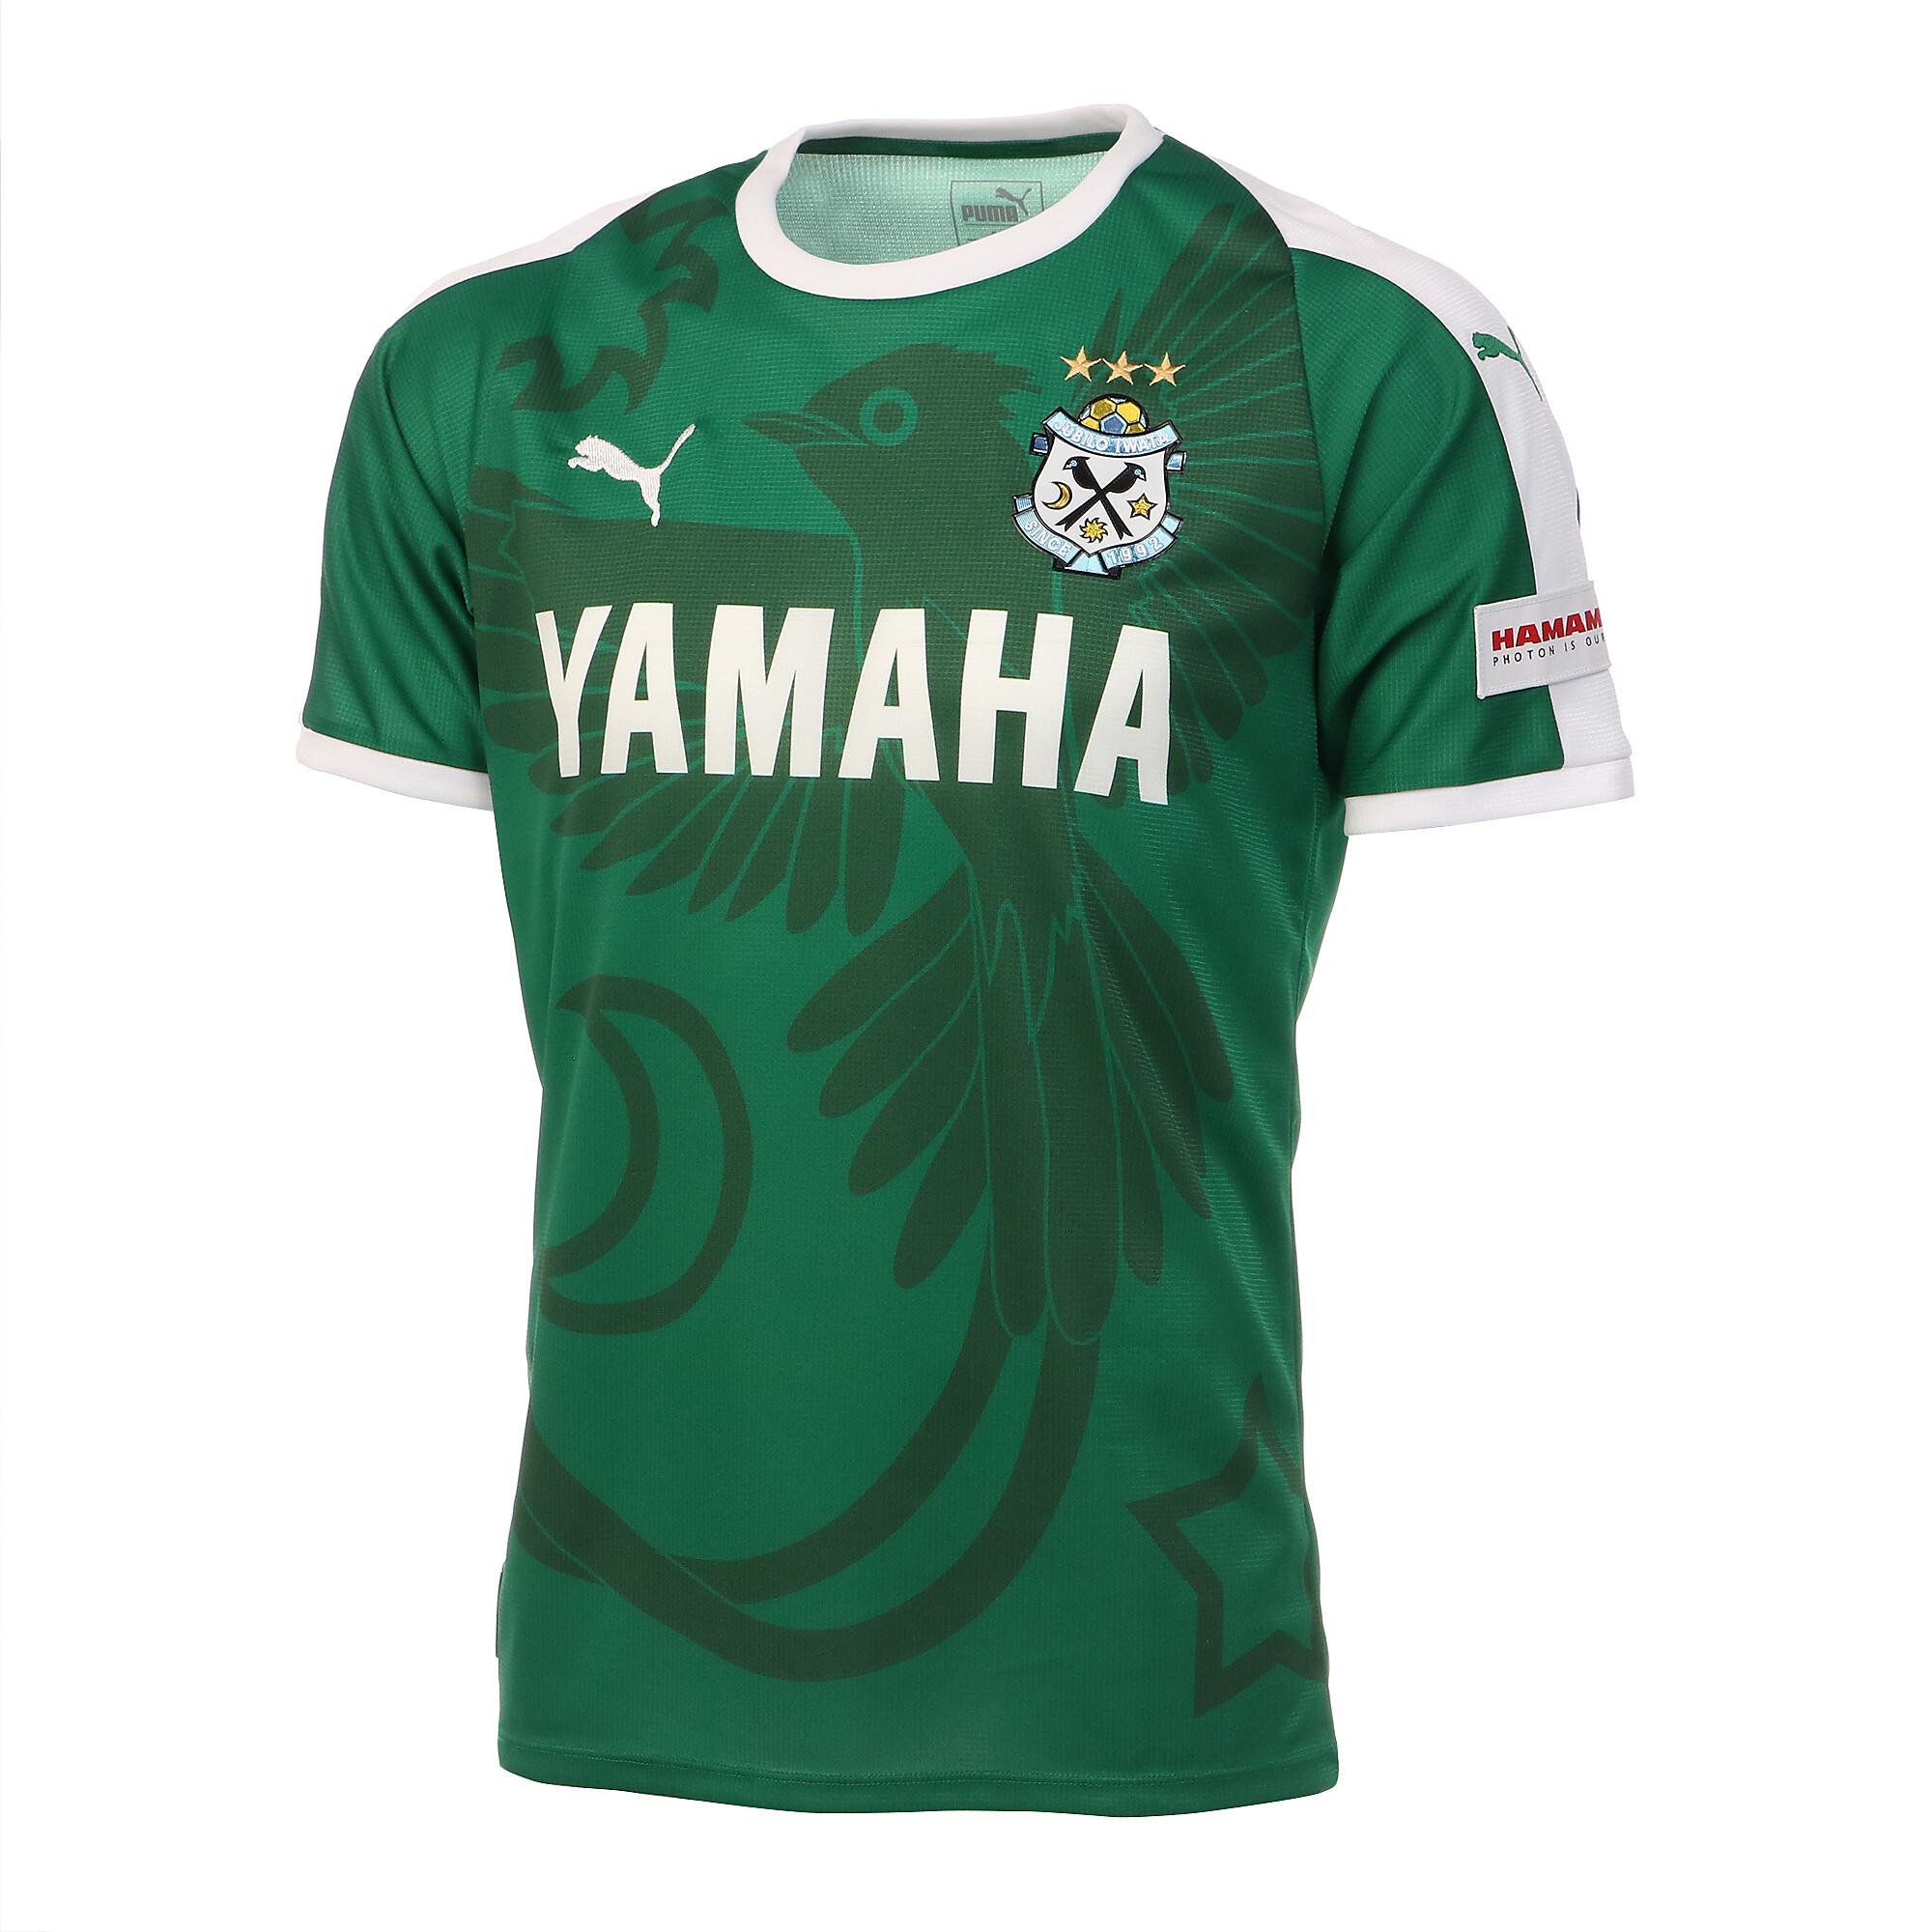 【プーマ公式通販】 プーマ ジュビロ GKシャツ メンズ green |PUMA.com